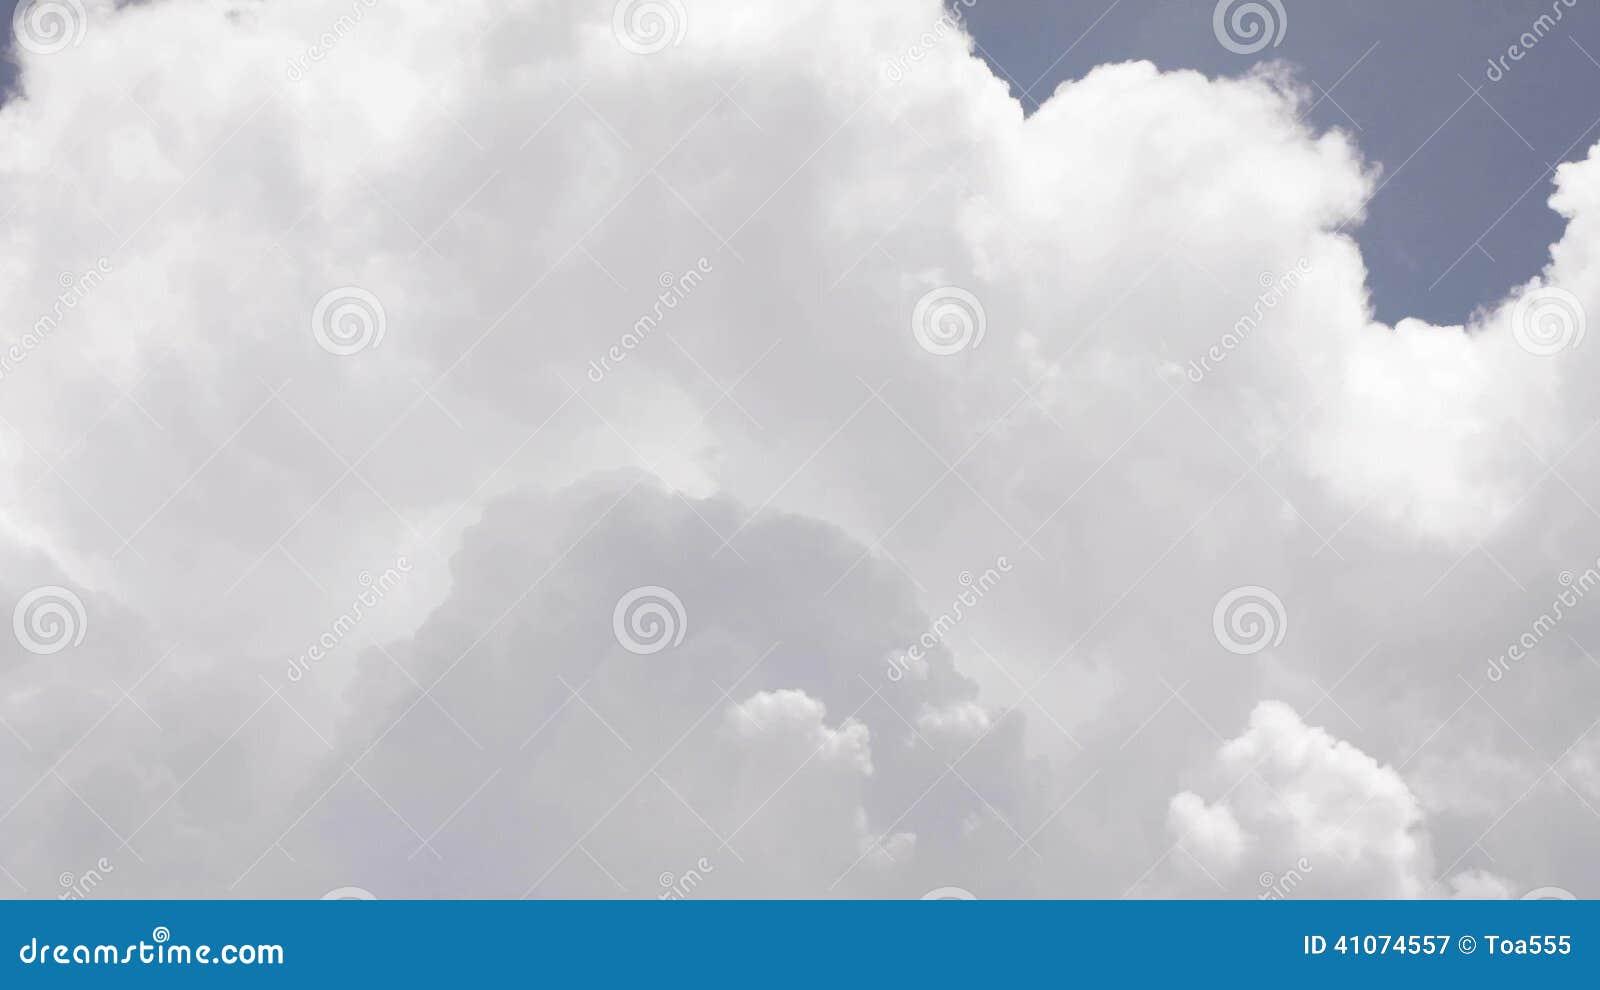 Fantastisch Blauer Himmel Geht Weiter Galerie - Beispiel ...